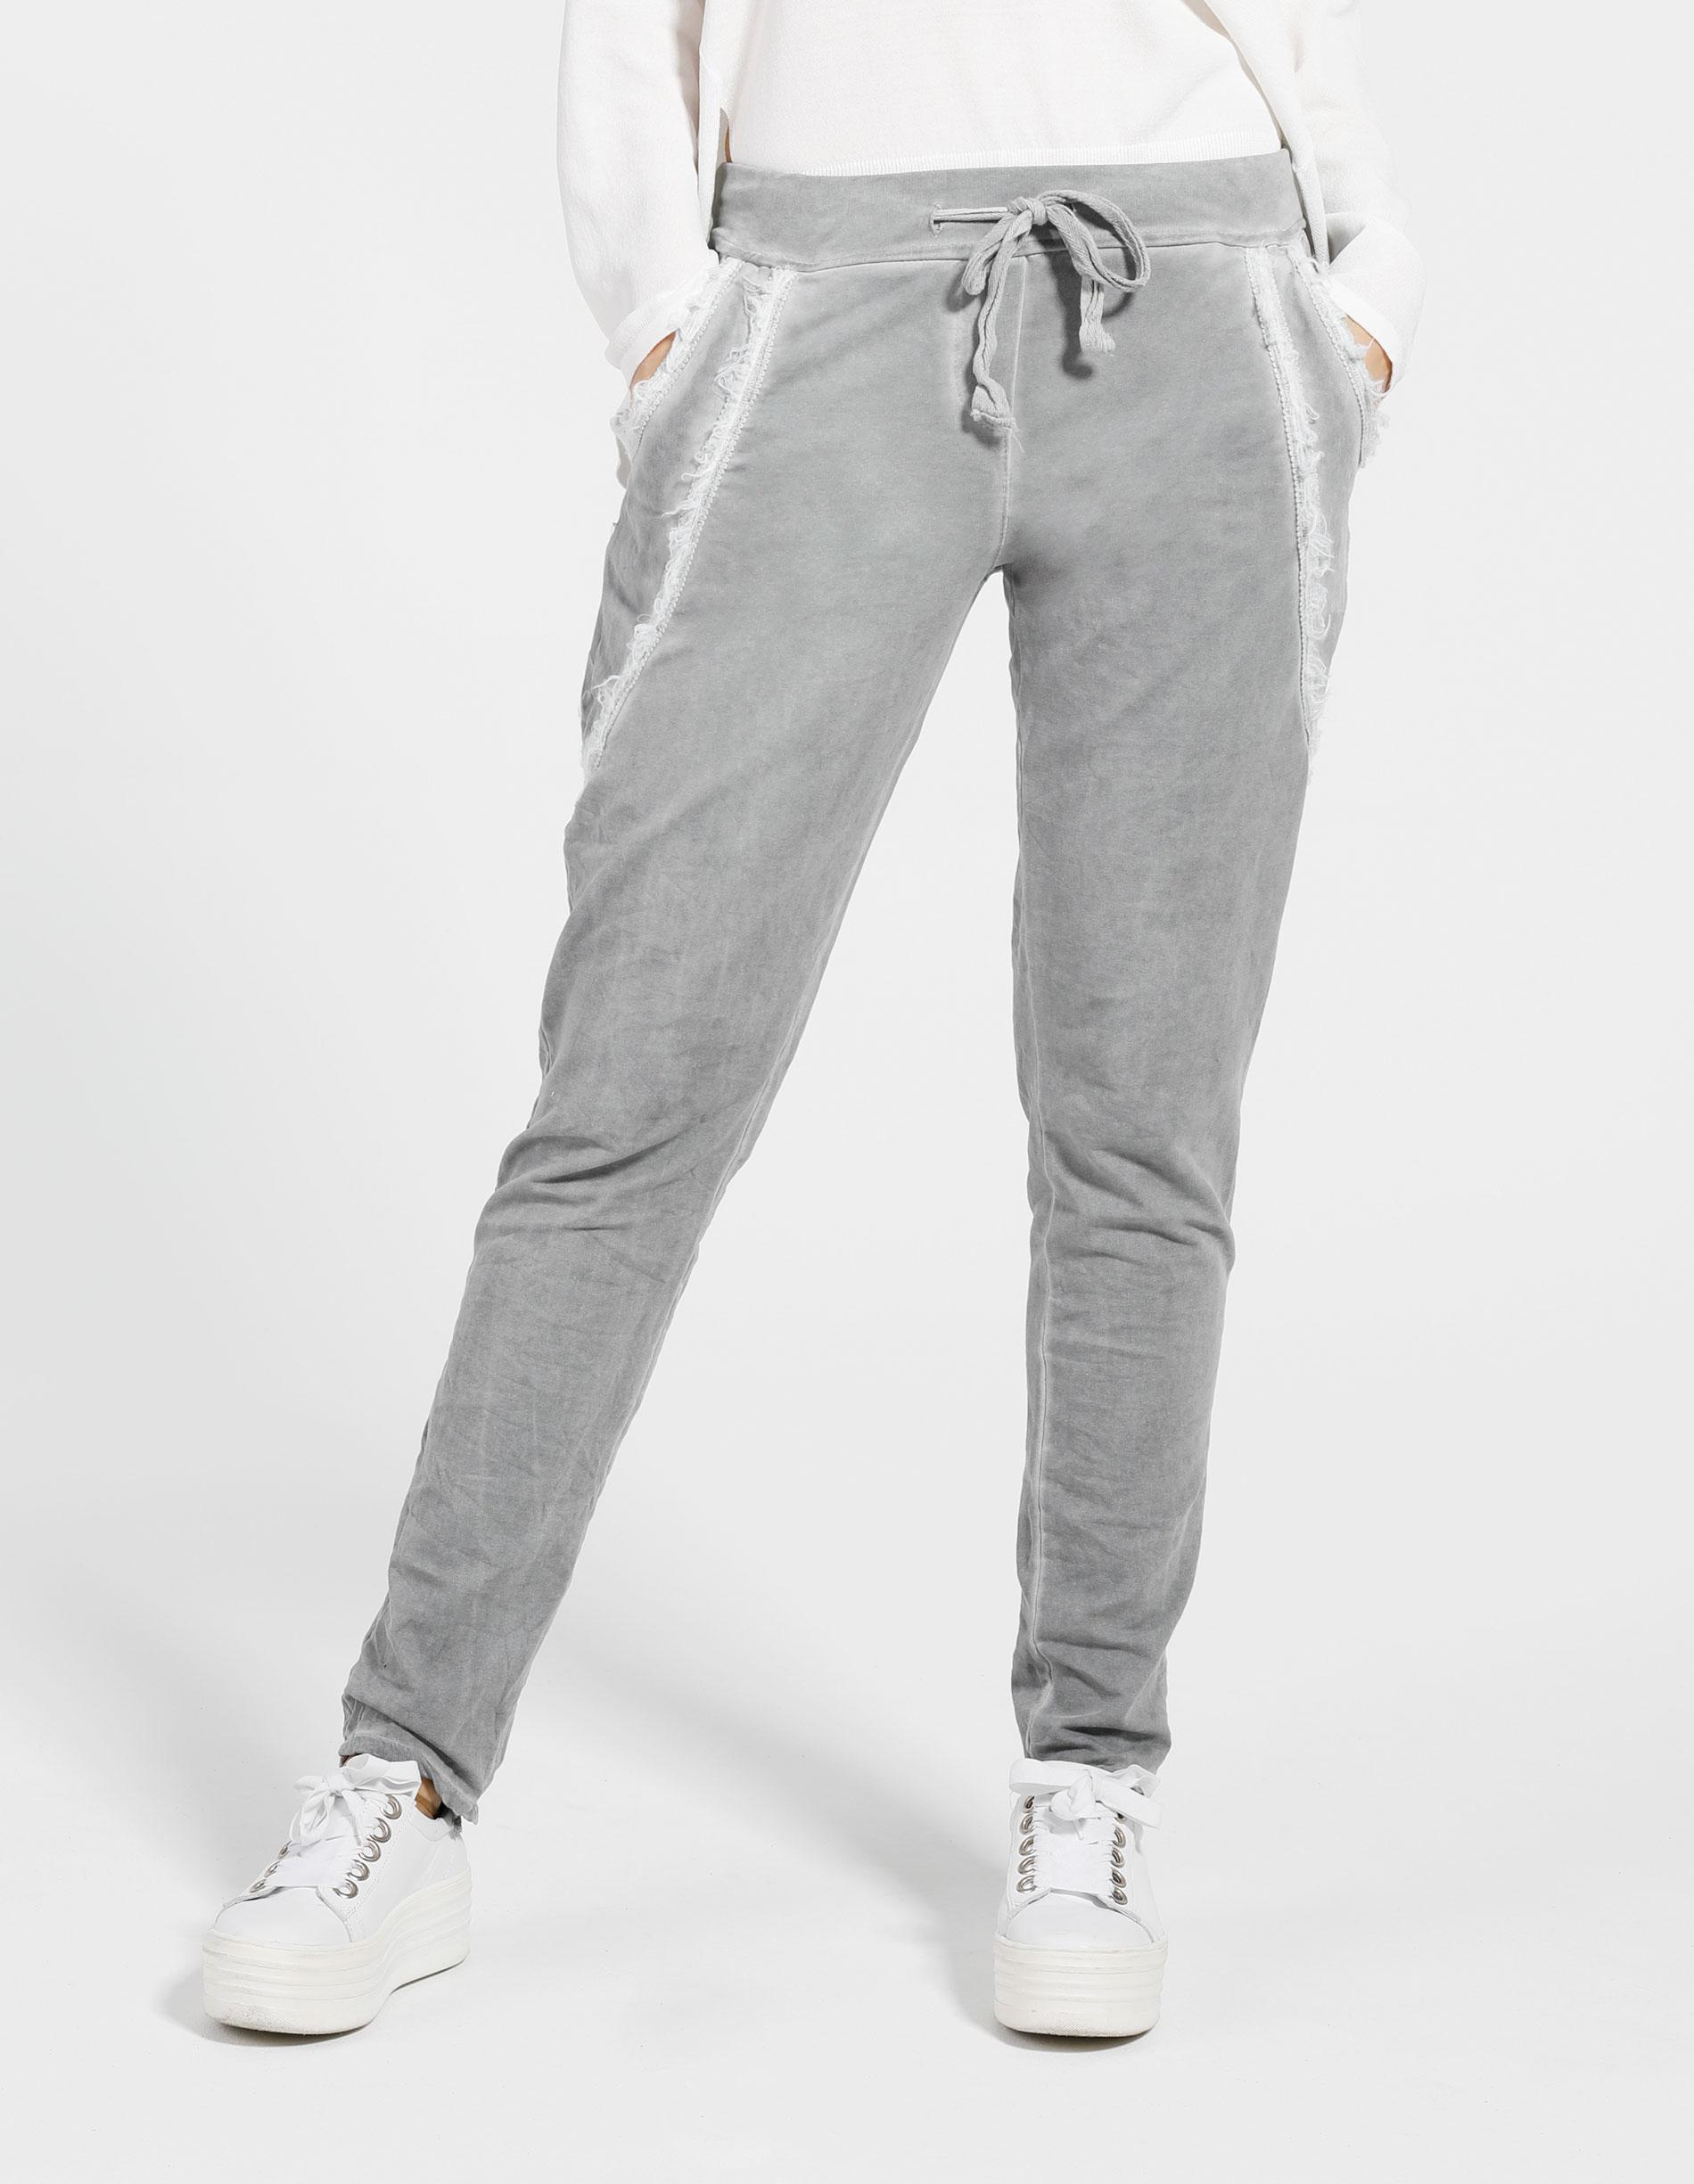 Spodnie - 158-2035 GRME - Unisono